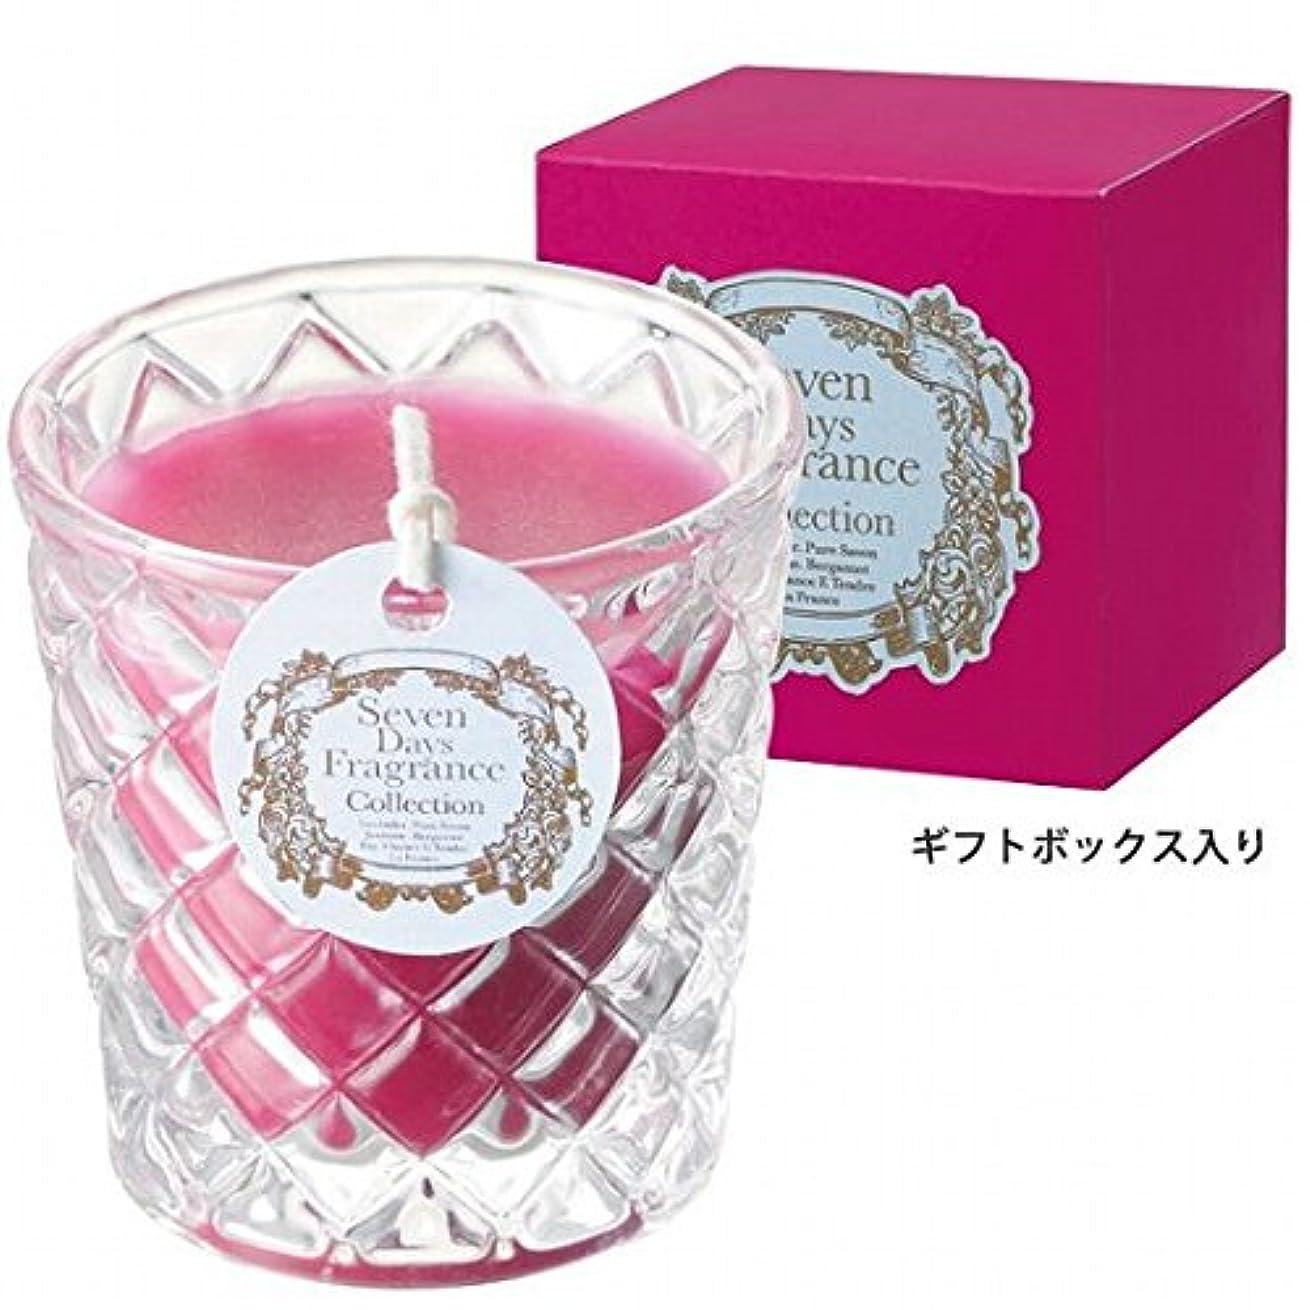 ヒロイン休憩する有望カメヤマキャンドル( kameyama candle ) セブンデイズグラスキャンドル(木曜日) 「 フィグ 」